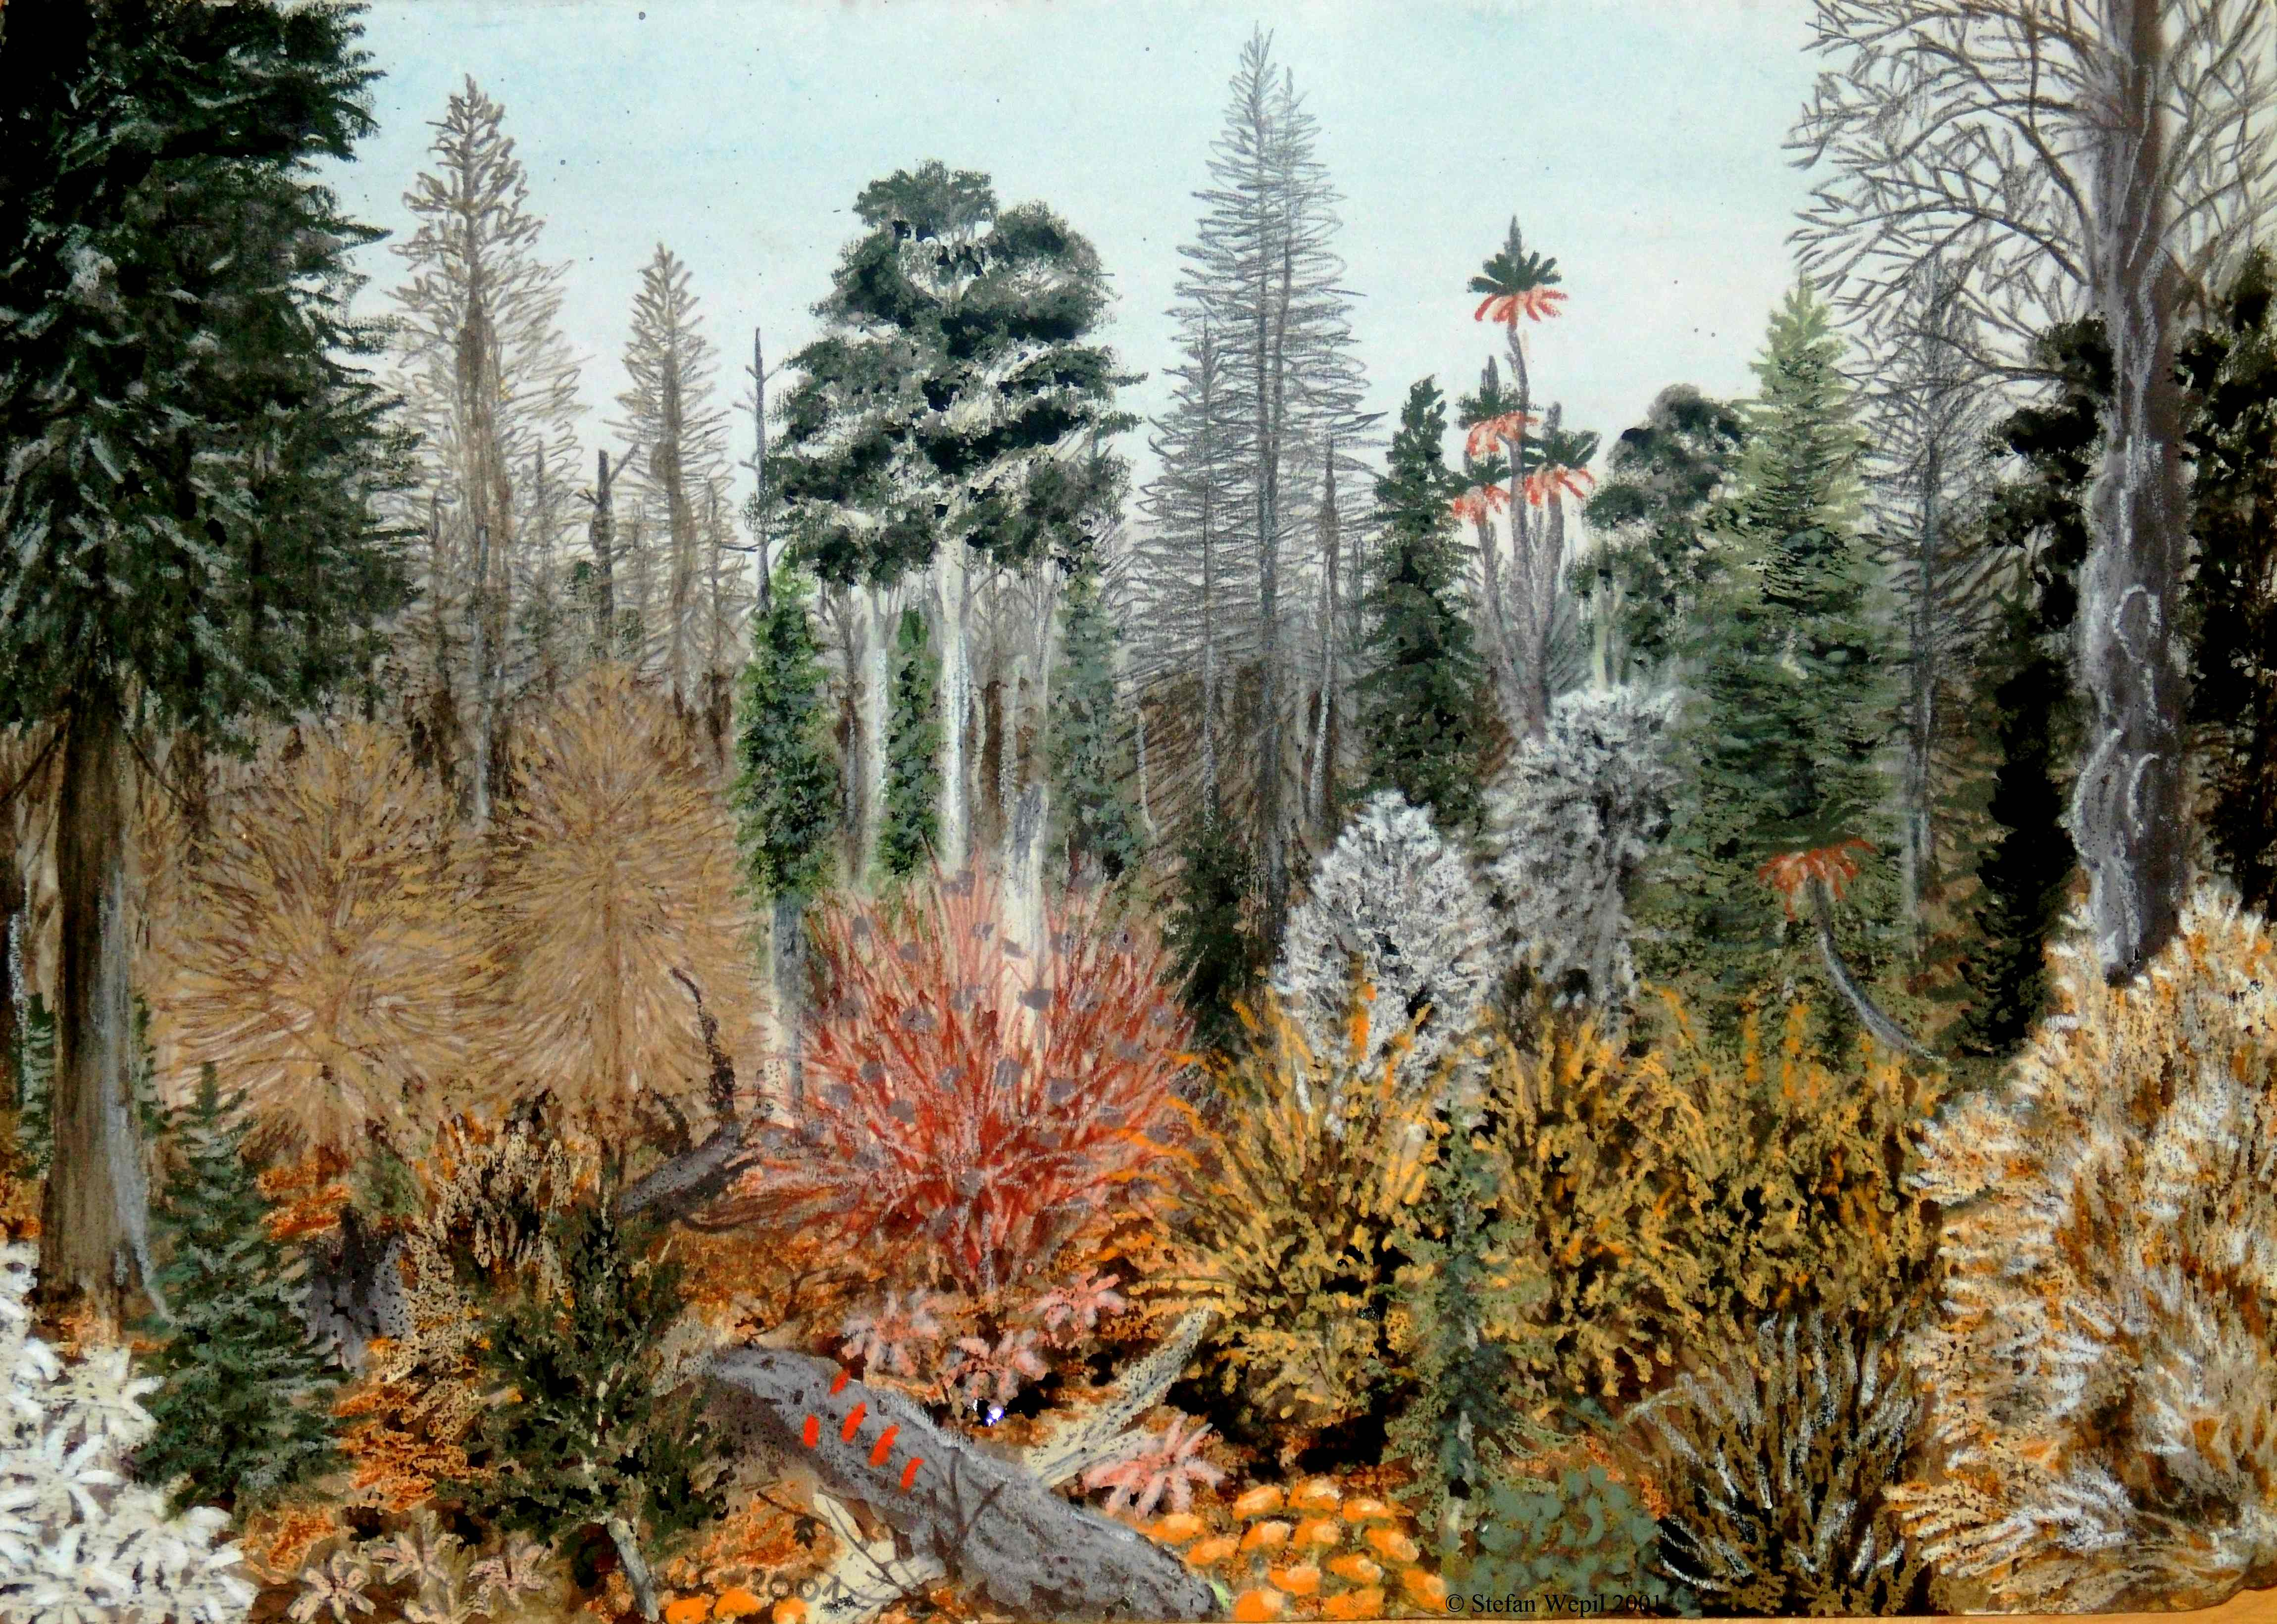 Landschaftsbild Pantanor (C) Stefan Wepil